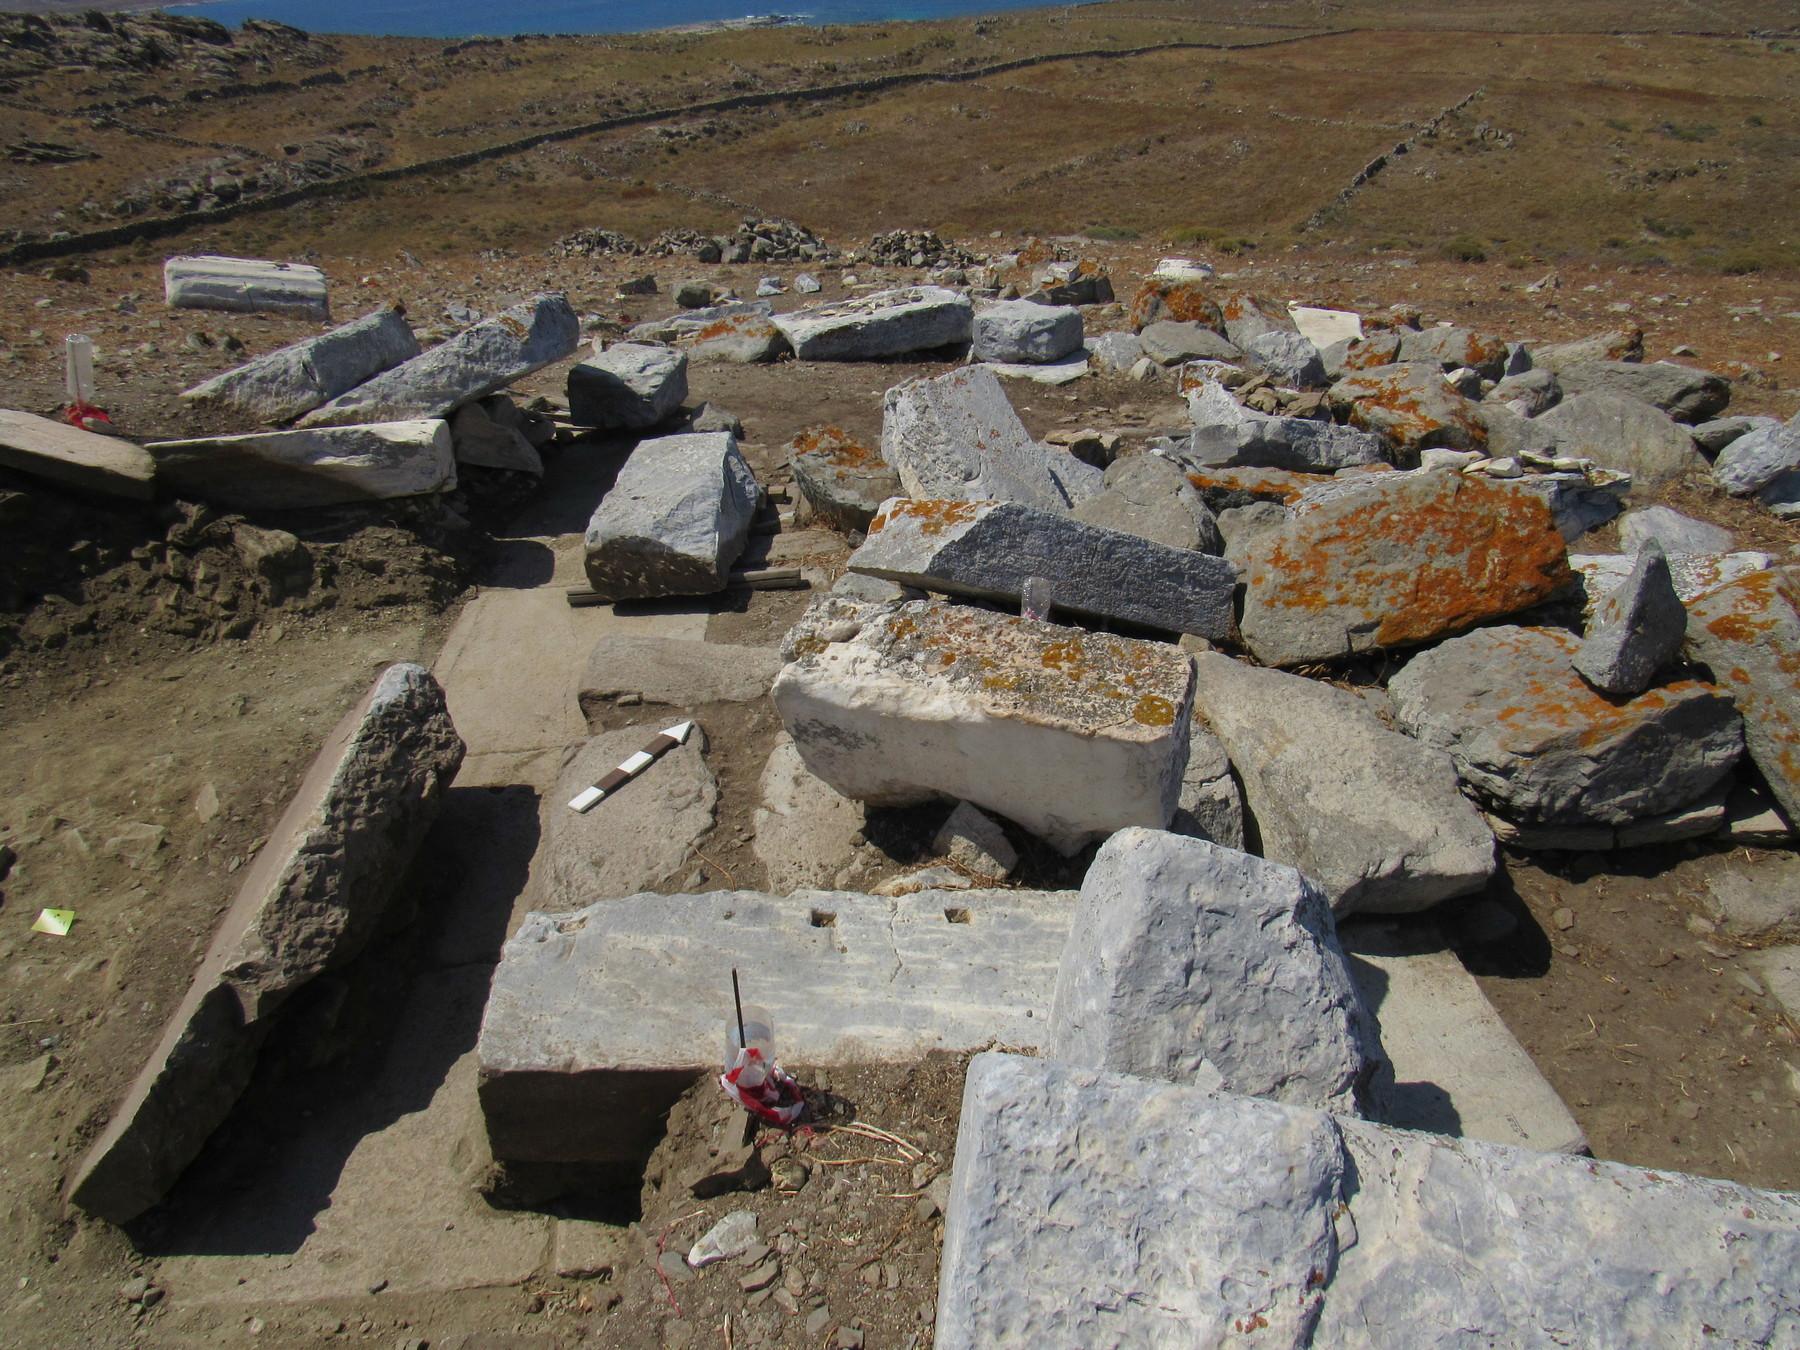 Θεμέλιο και αρχιτεκτονικά μέλη κατασκευής, πιθανώς μνημειακού βωμού, στην θέση Χωμασοβούνι